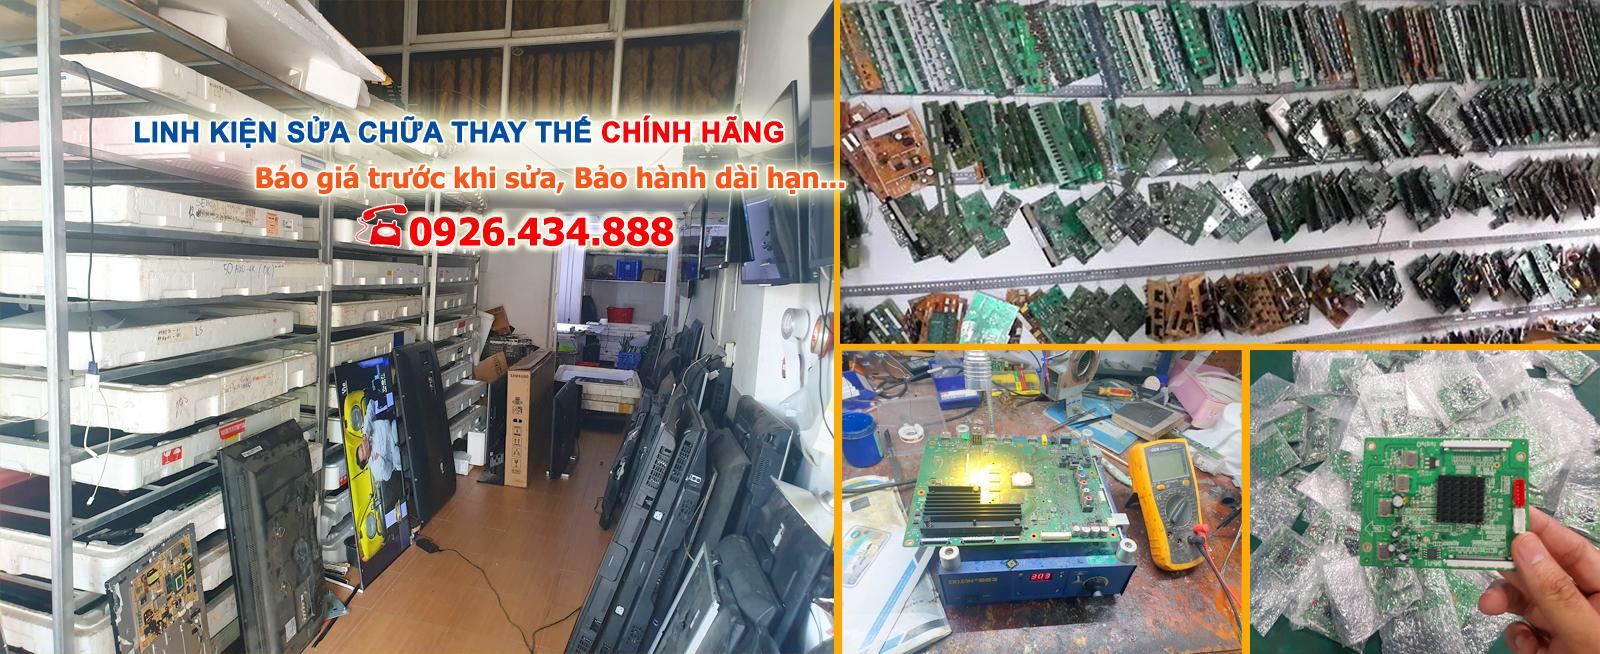 Kho linh kiện đầy đủ theo hãng phục vụ sửa tivi tại Thái Nguyên của trung tâm